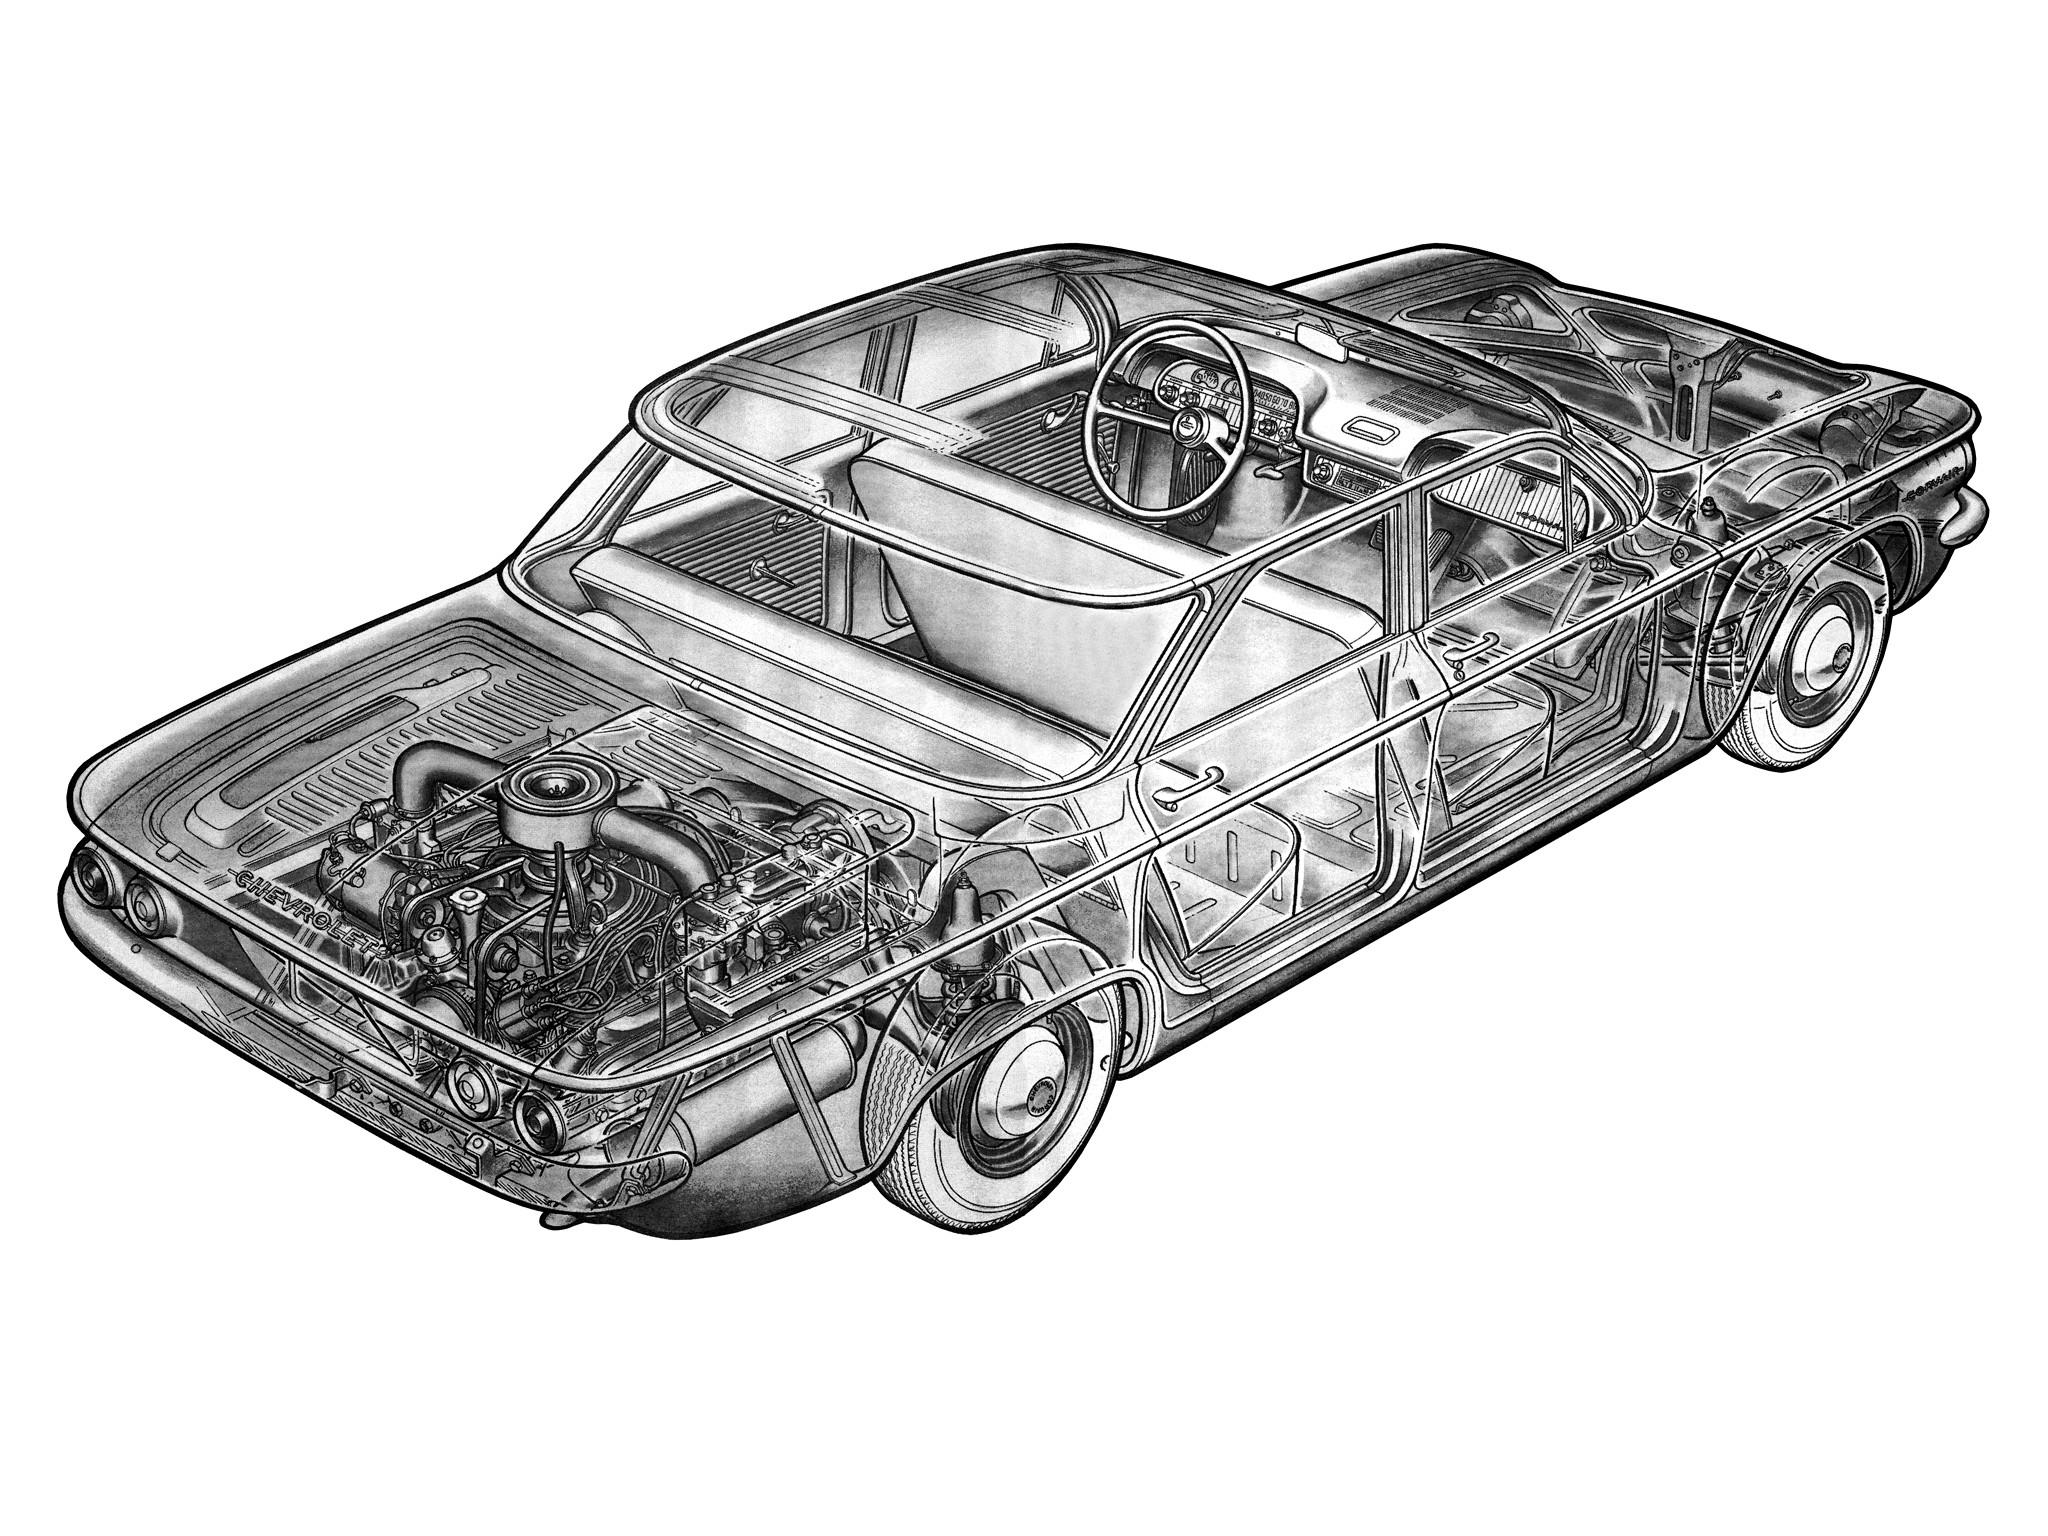 1960 Chevrolet Corvair 700 Sedan (700-69) classic interior engine f ...